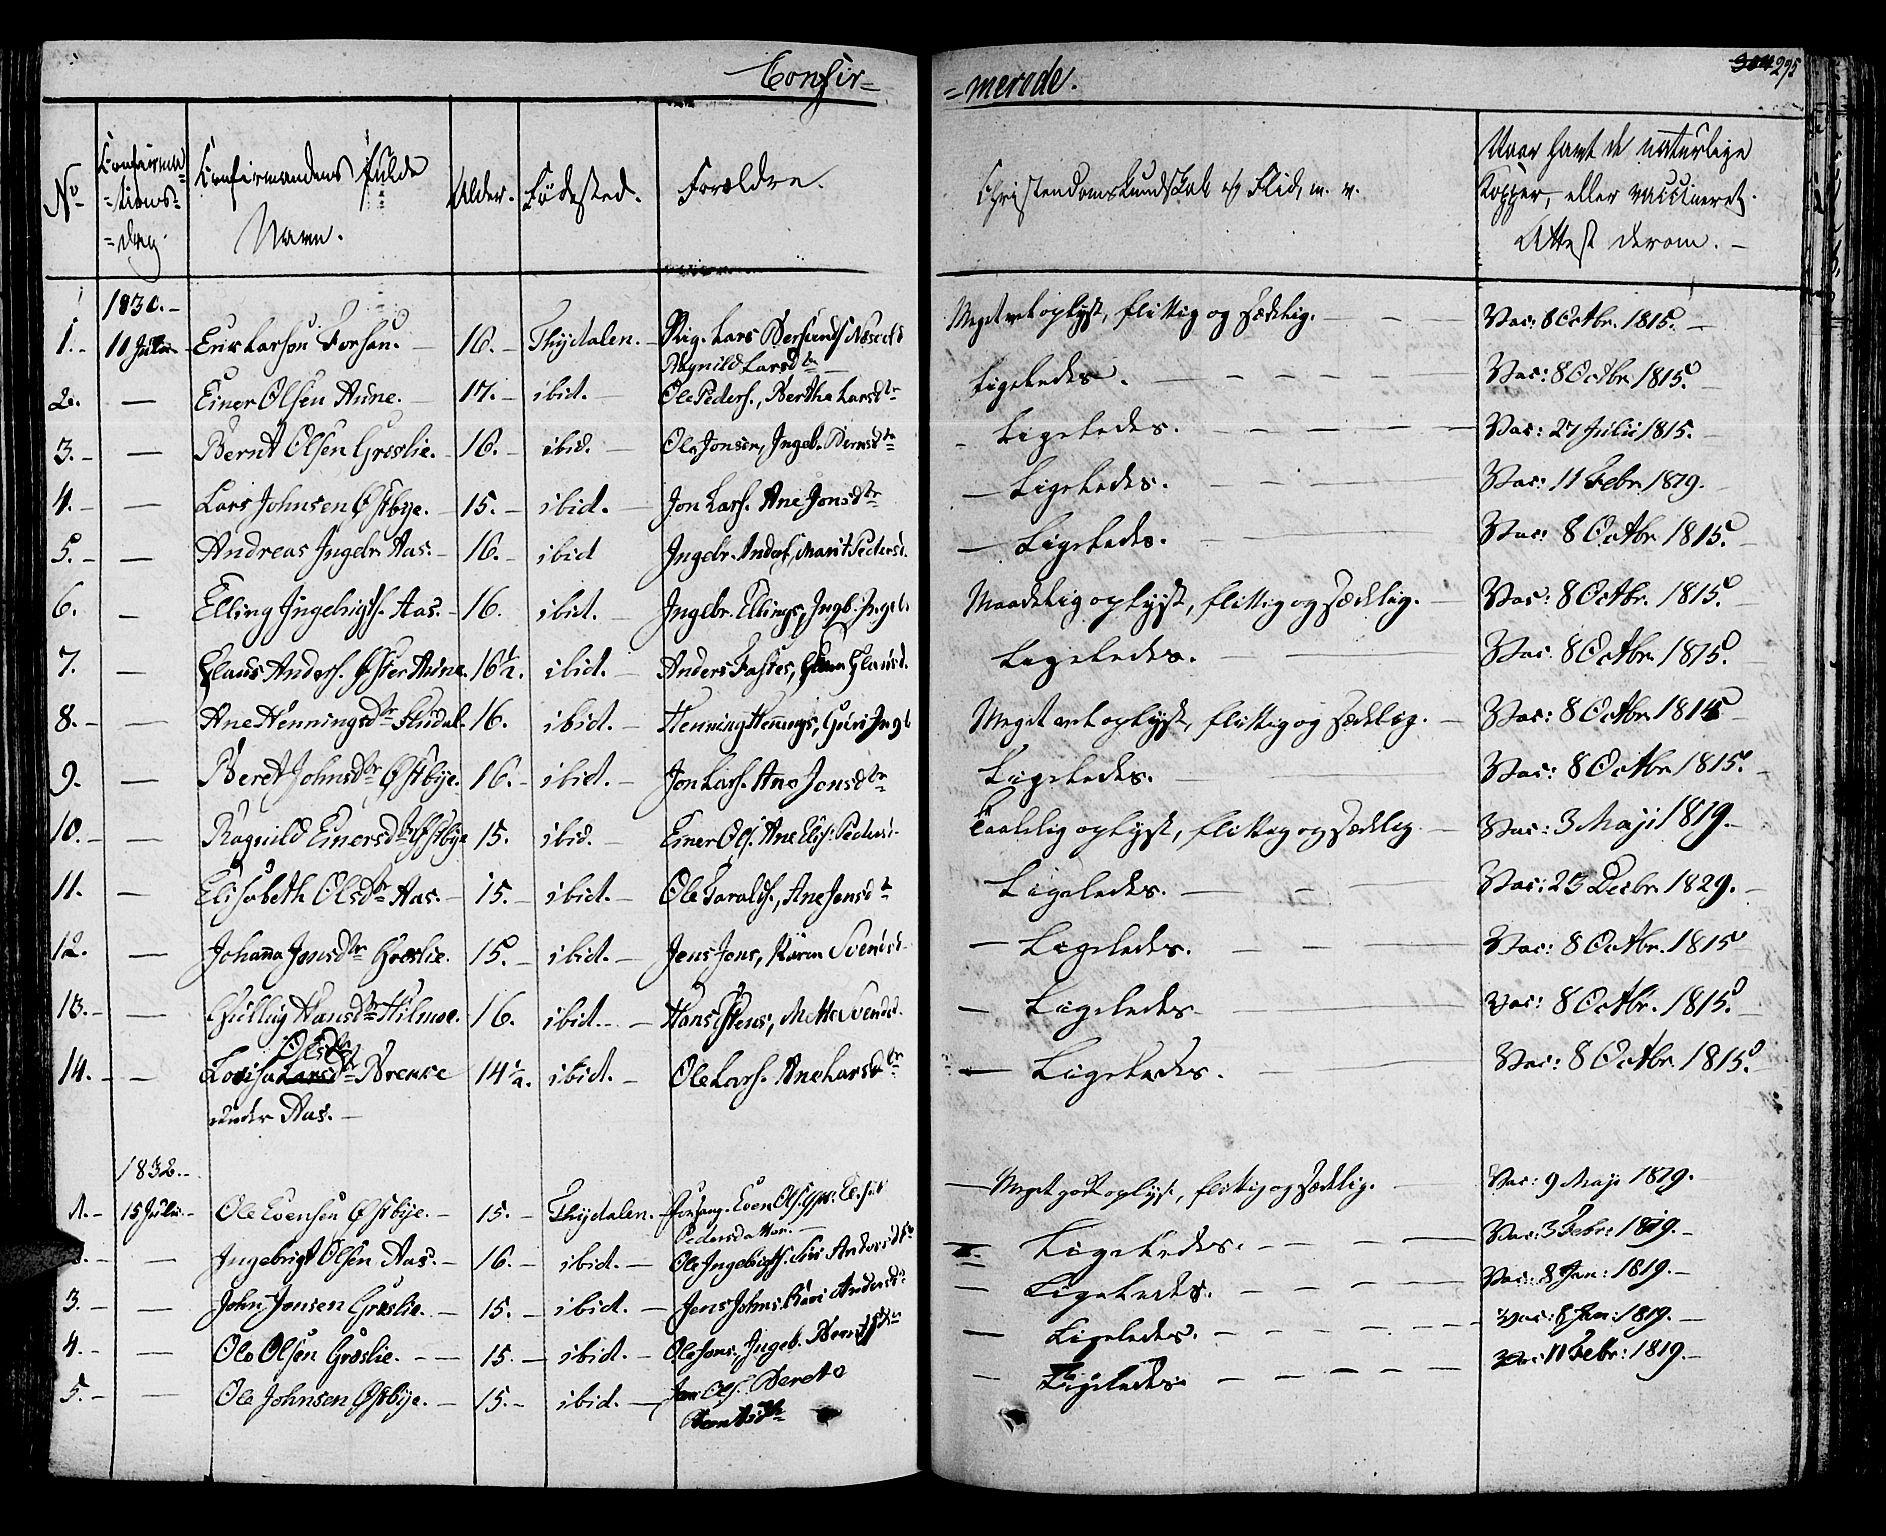 SAT, Ministerialprotokoller, klokkerbøker og fødselsregistre - Sør-Trøndelag, 695/L1144: Ministerialbok nr. 695A05 /2, 1824-1842, s. 295